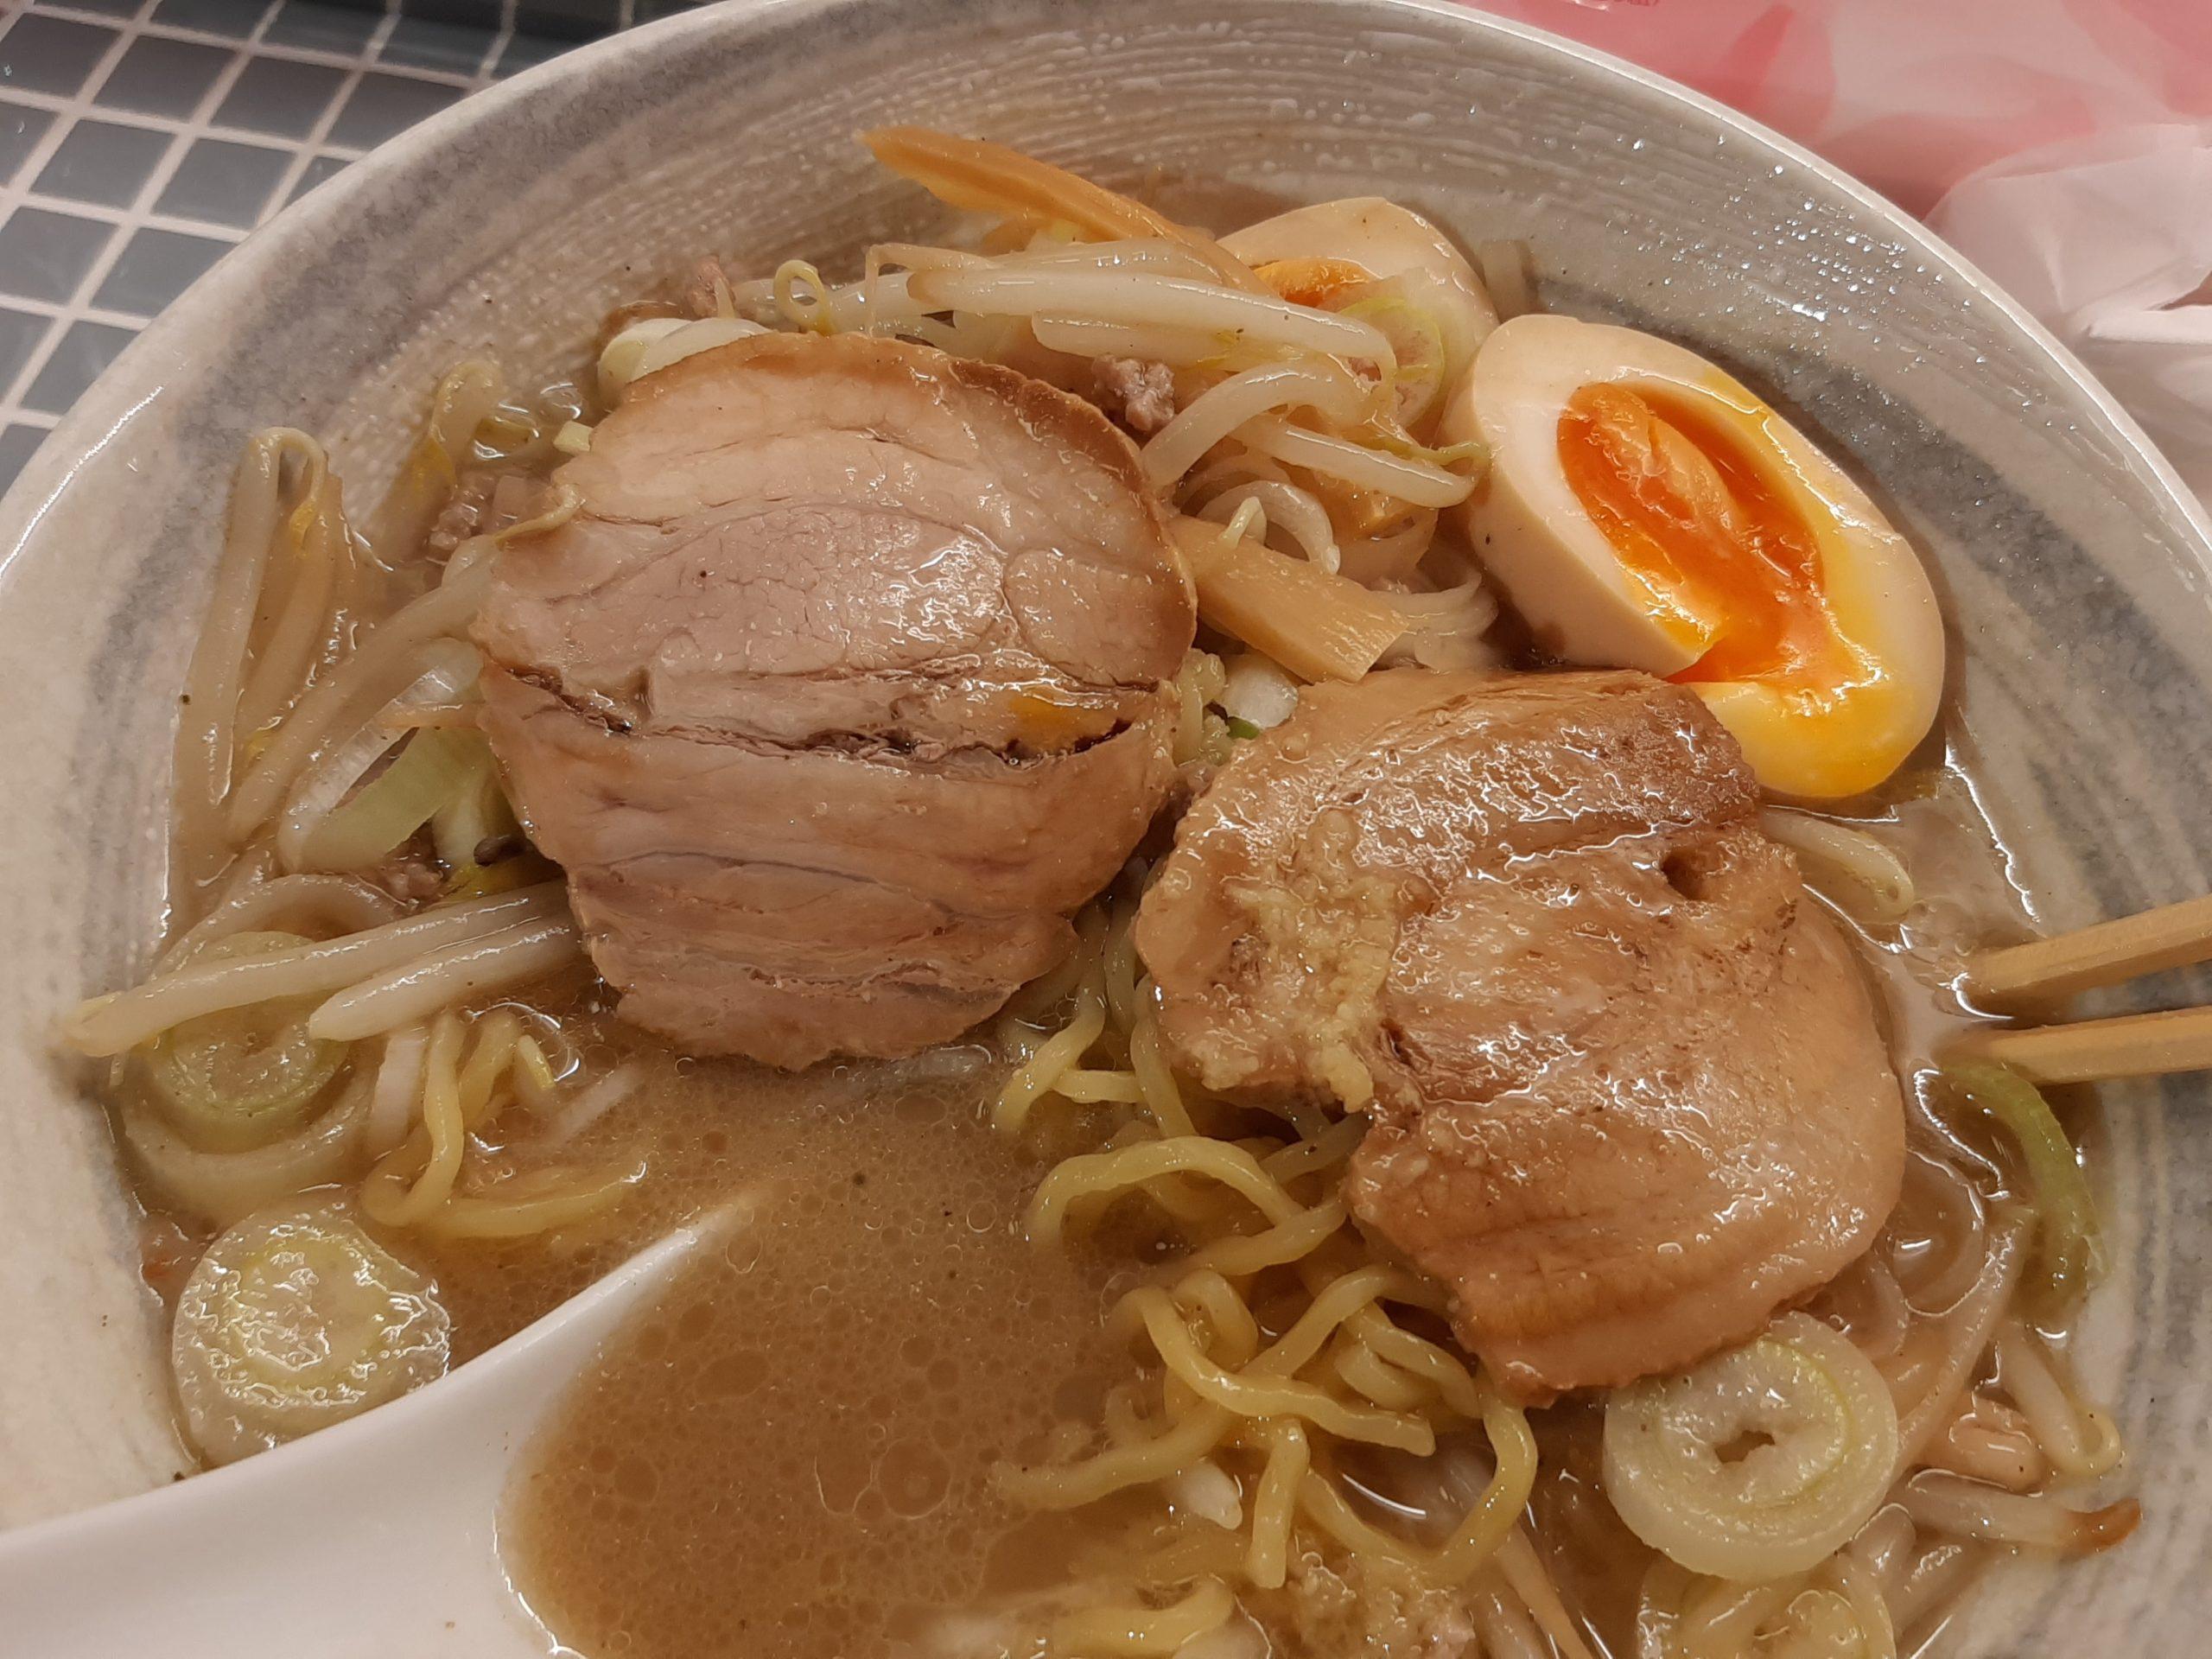 西山製麺使用の札幌味噌らーめん葵葉(あおば)が2/7仙台にオープン!